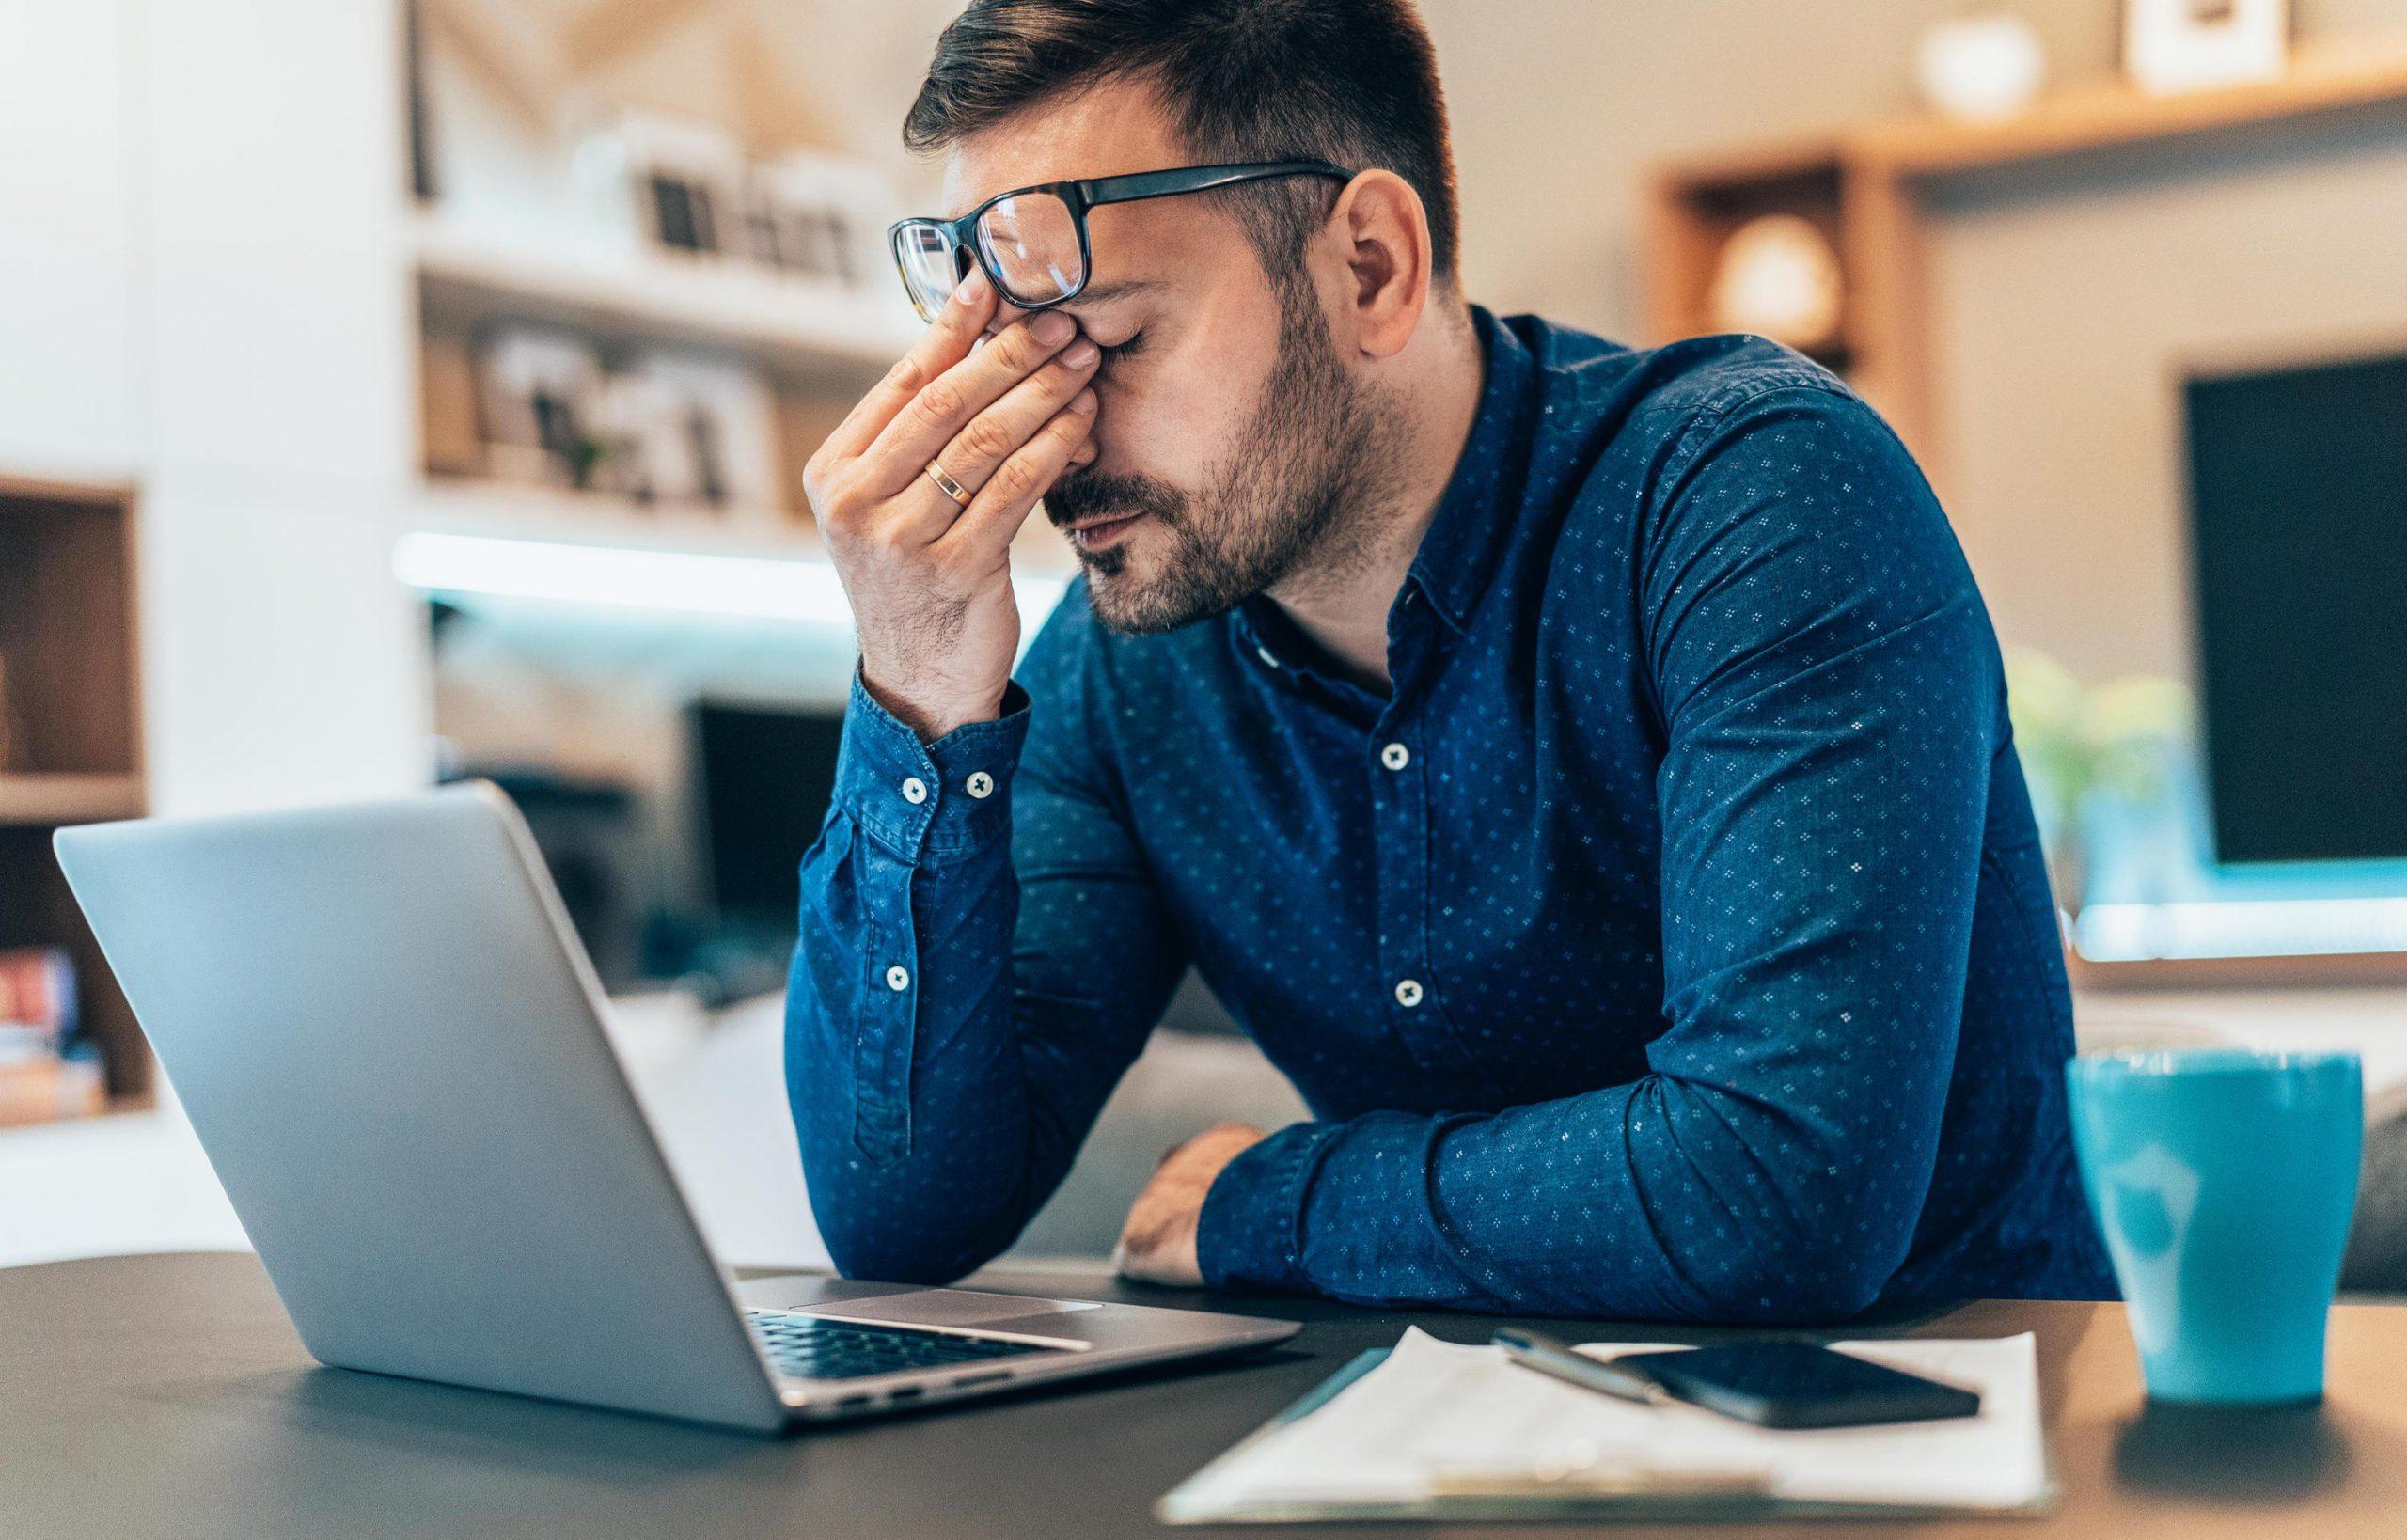 Chronische pijn vraagt om biopsychosociale aanpak